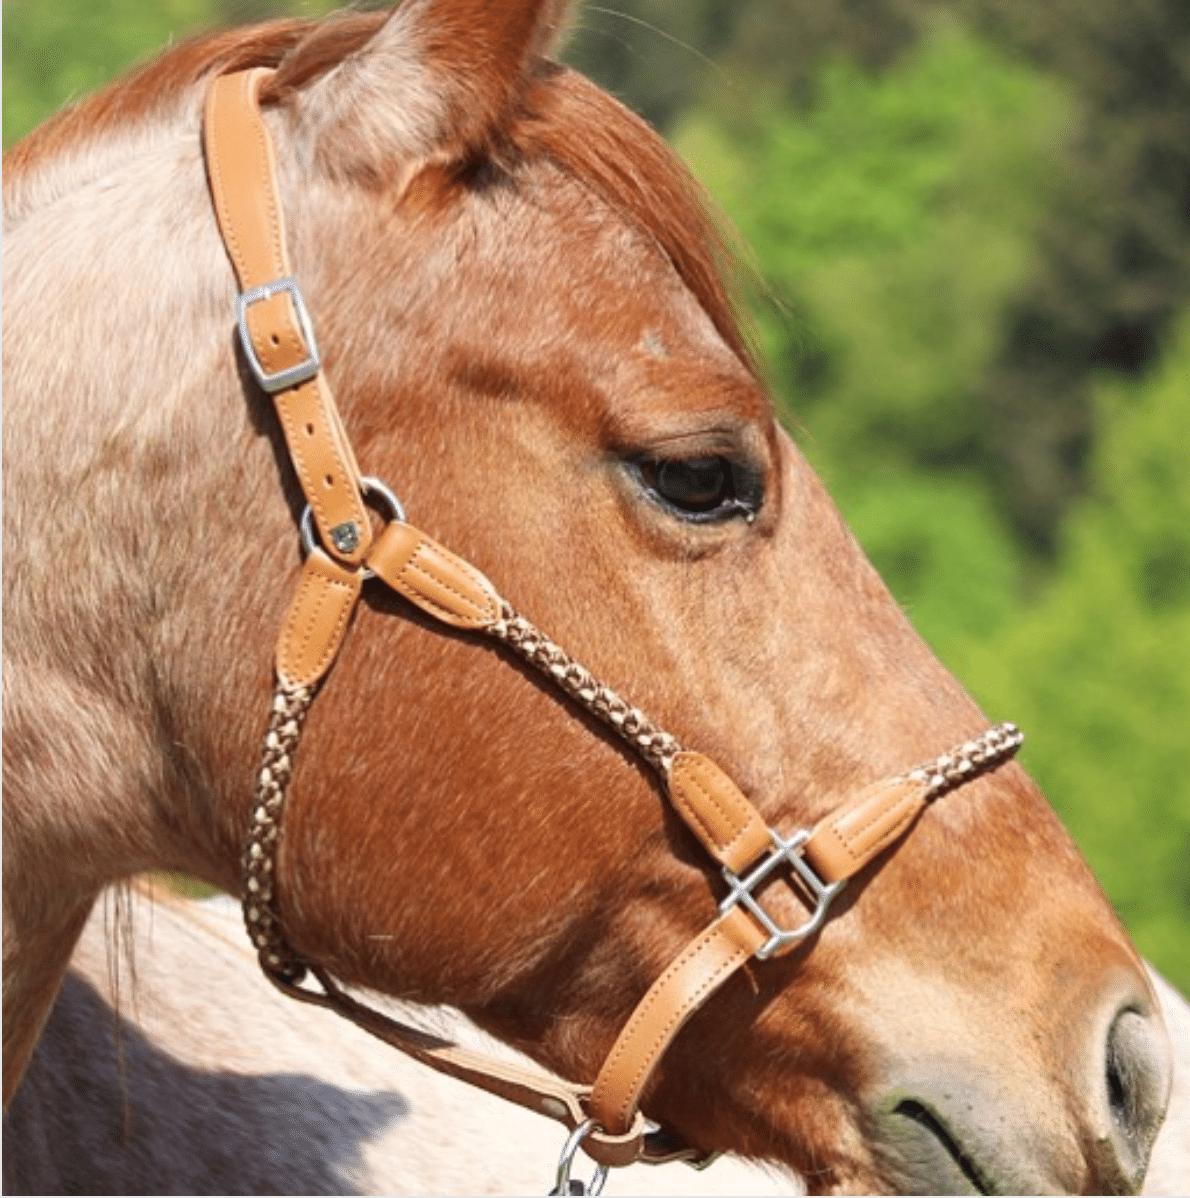 Führtraining mit dem Pferd! So gelingt dein Einstieg 5